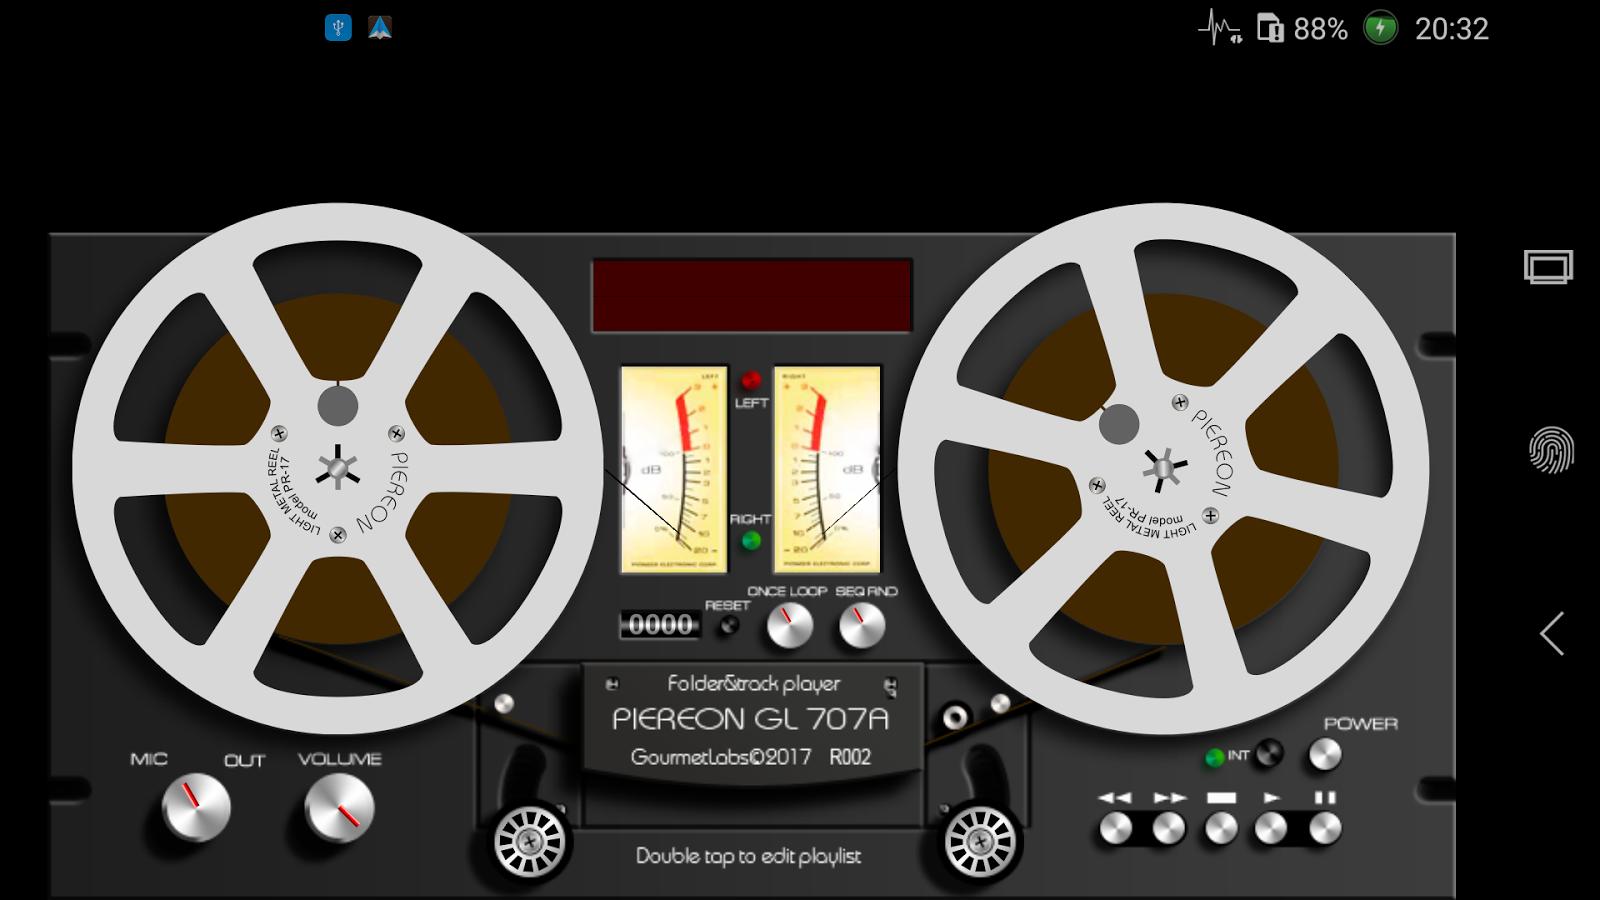 Piereon Gl 707a Folder Player Vu Meter Reel Tape R003 Apk Download Pocket Screenshot 1